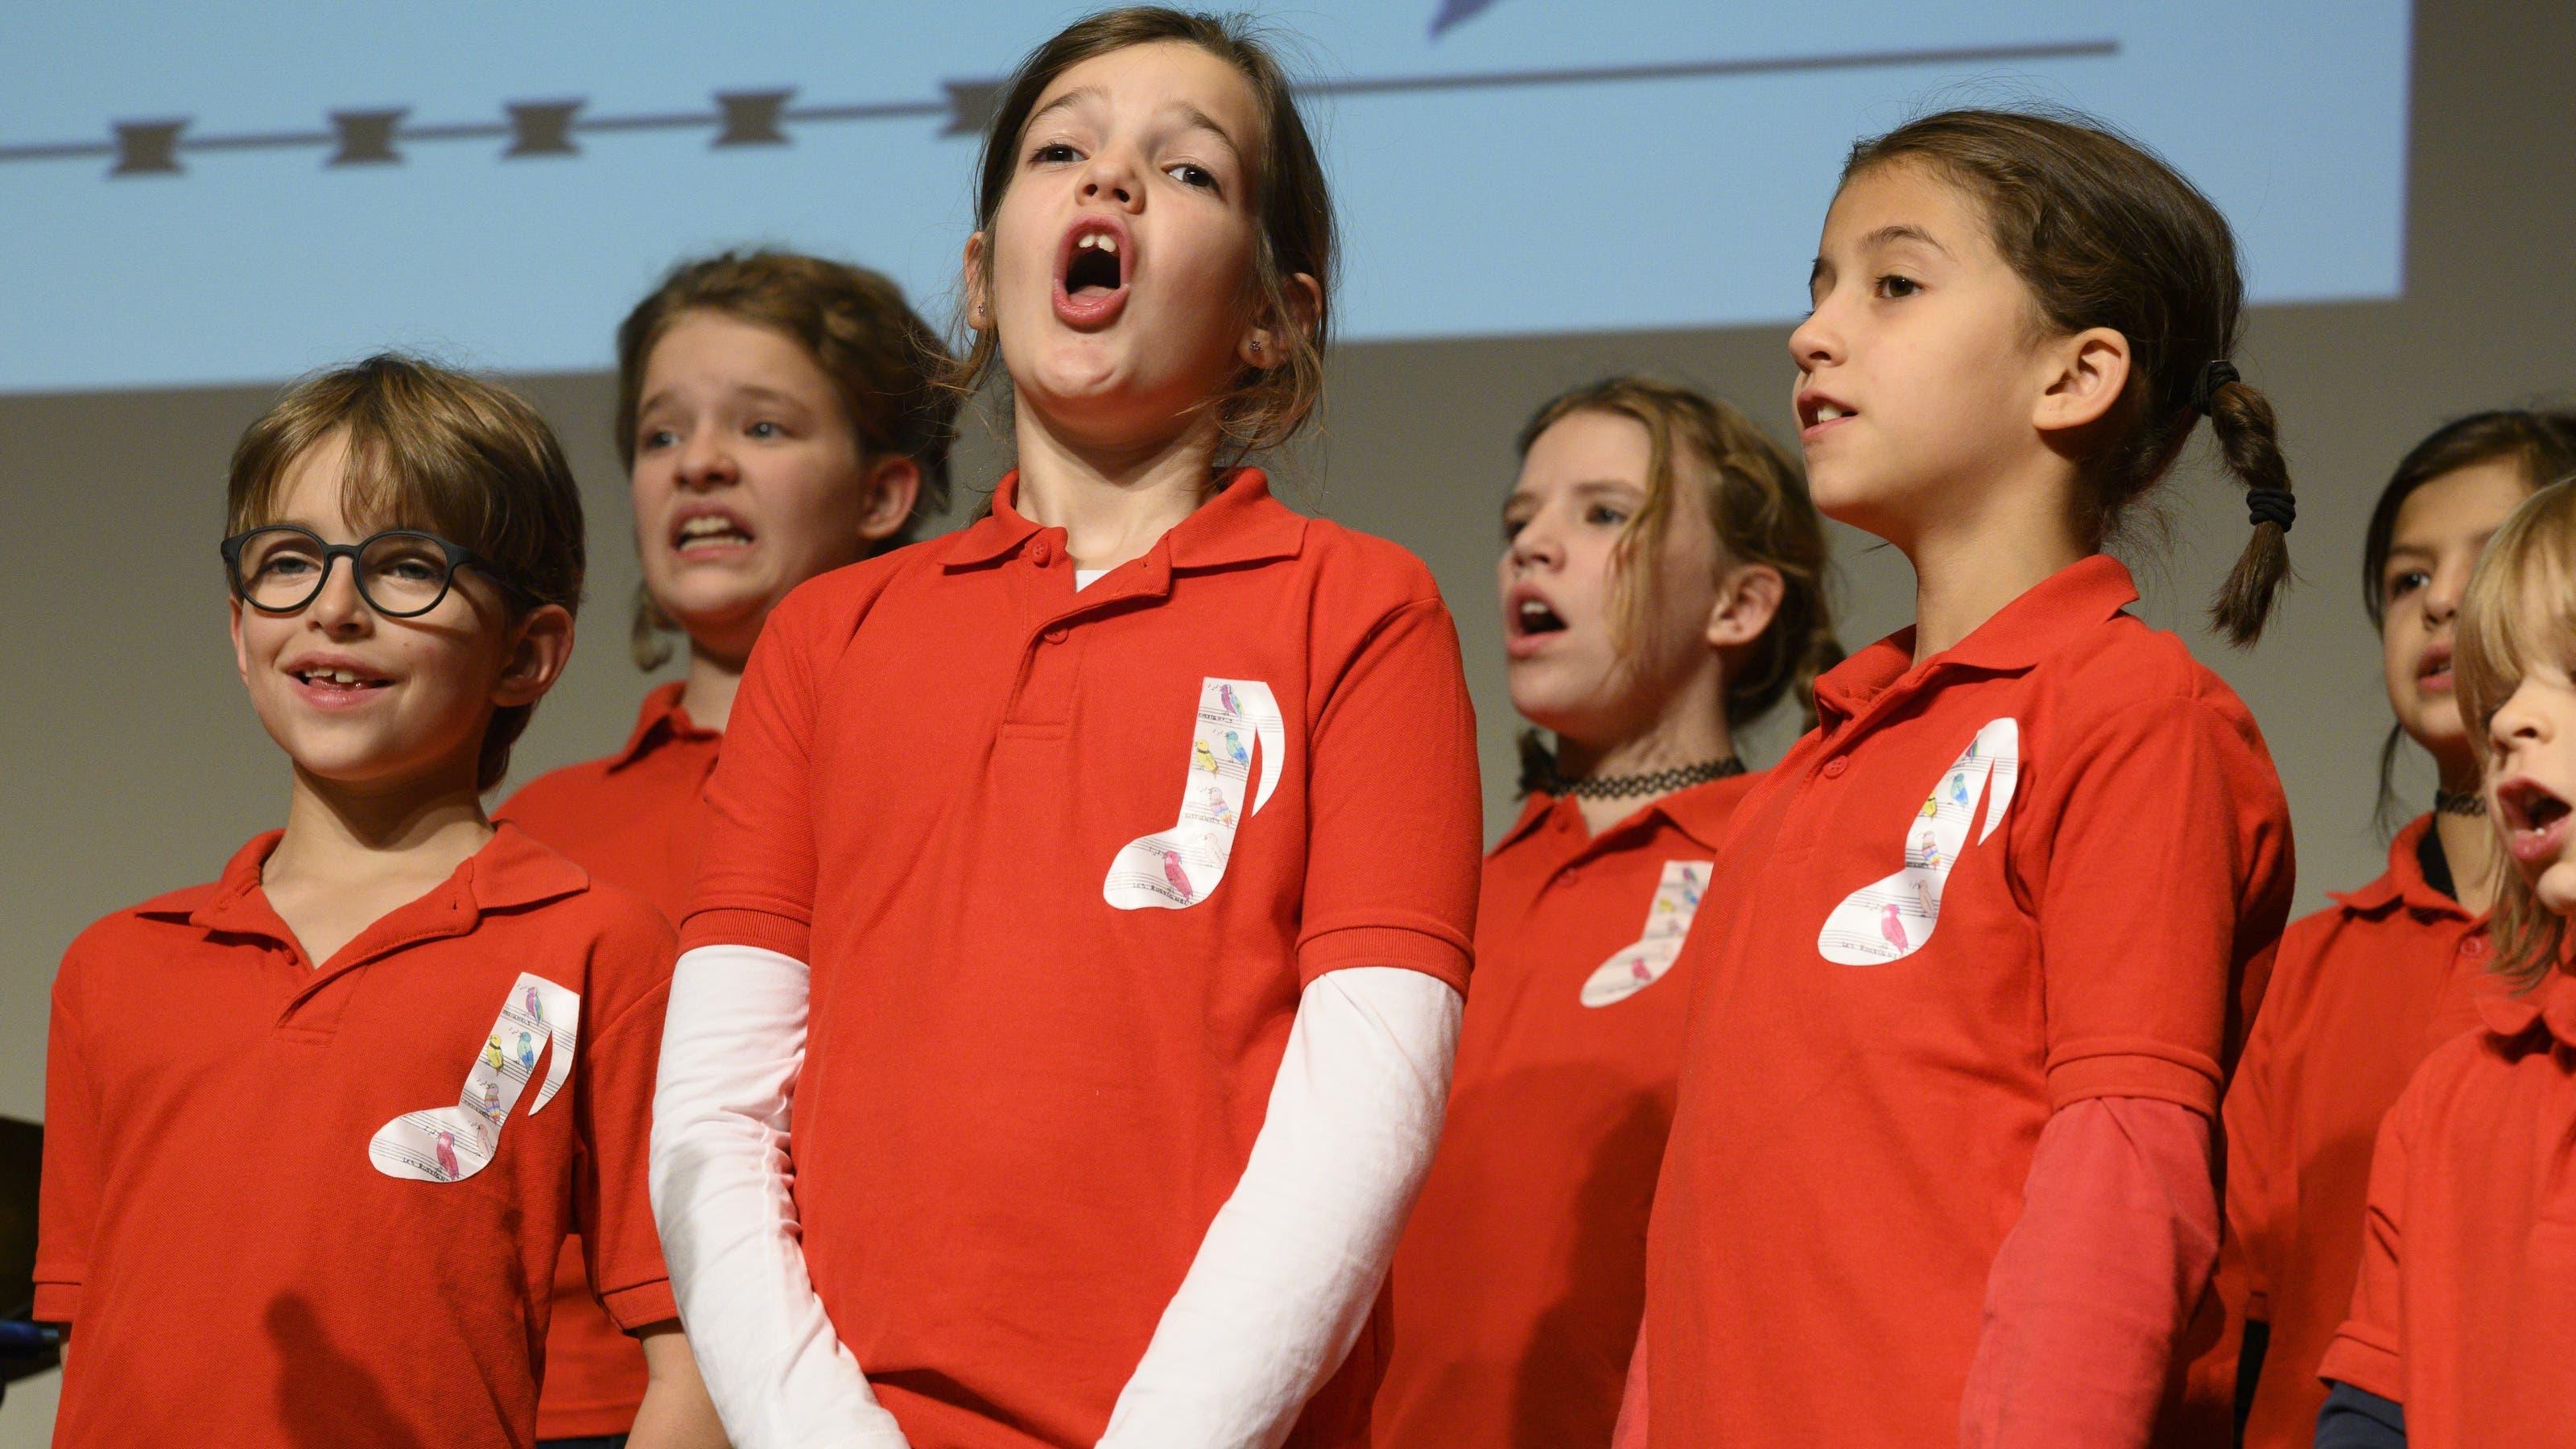 Der Kinderchor Les Rossignols hatte erst seinen dritten Auftritt.